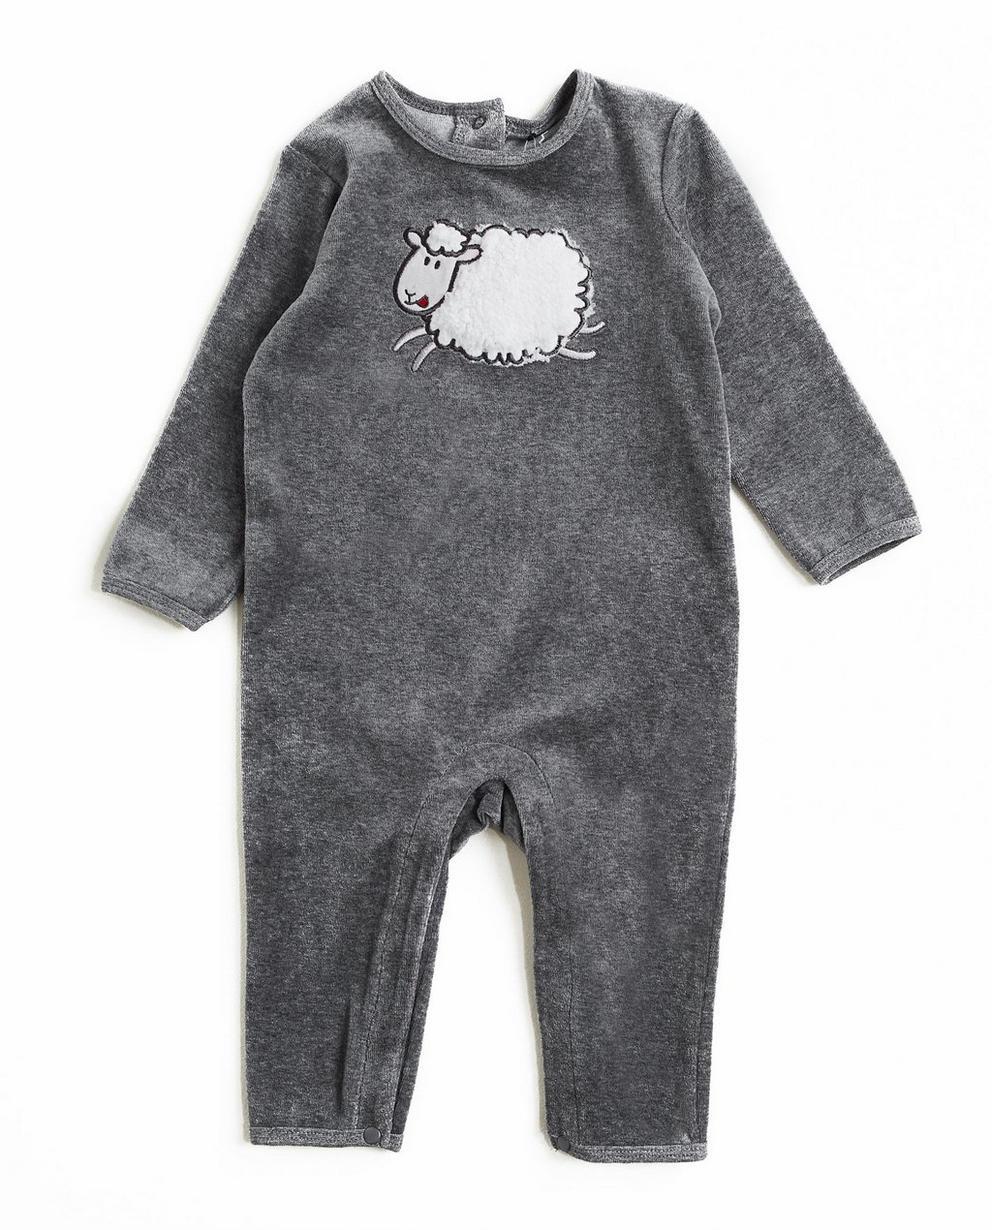 Pyjama avec un mouton - gris - JBC